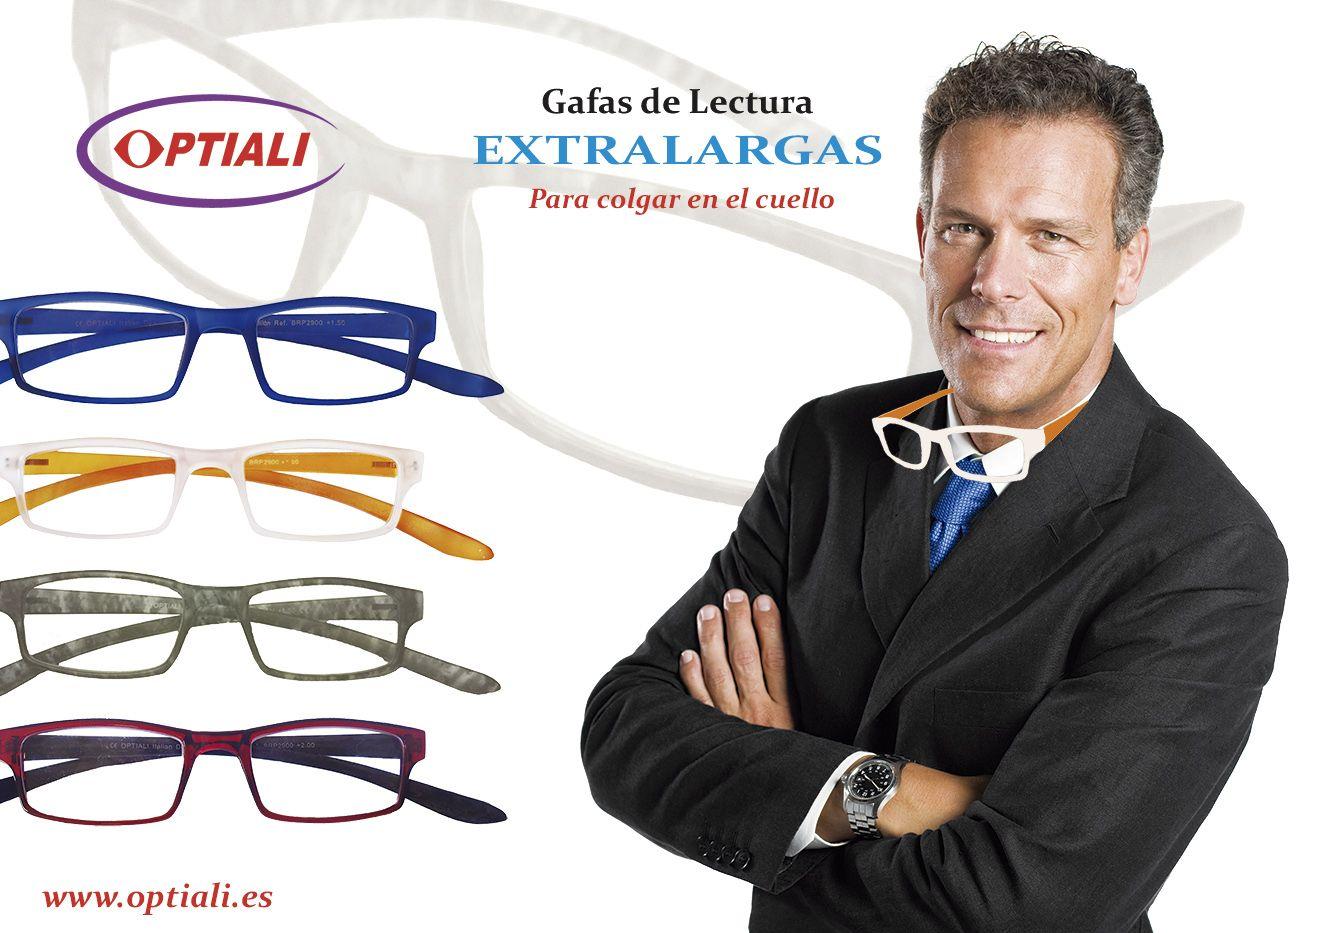 Especialistas en gafas de lectura en Madrid